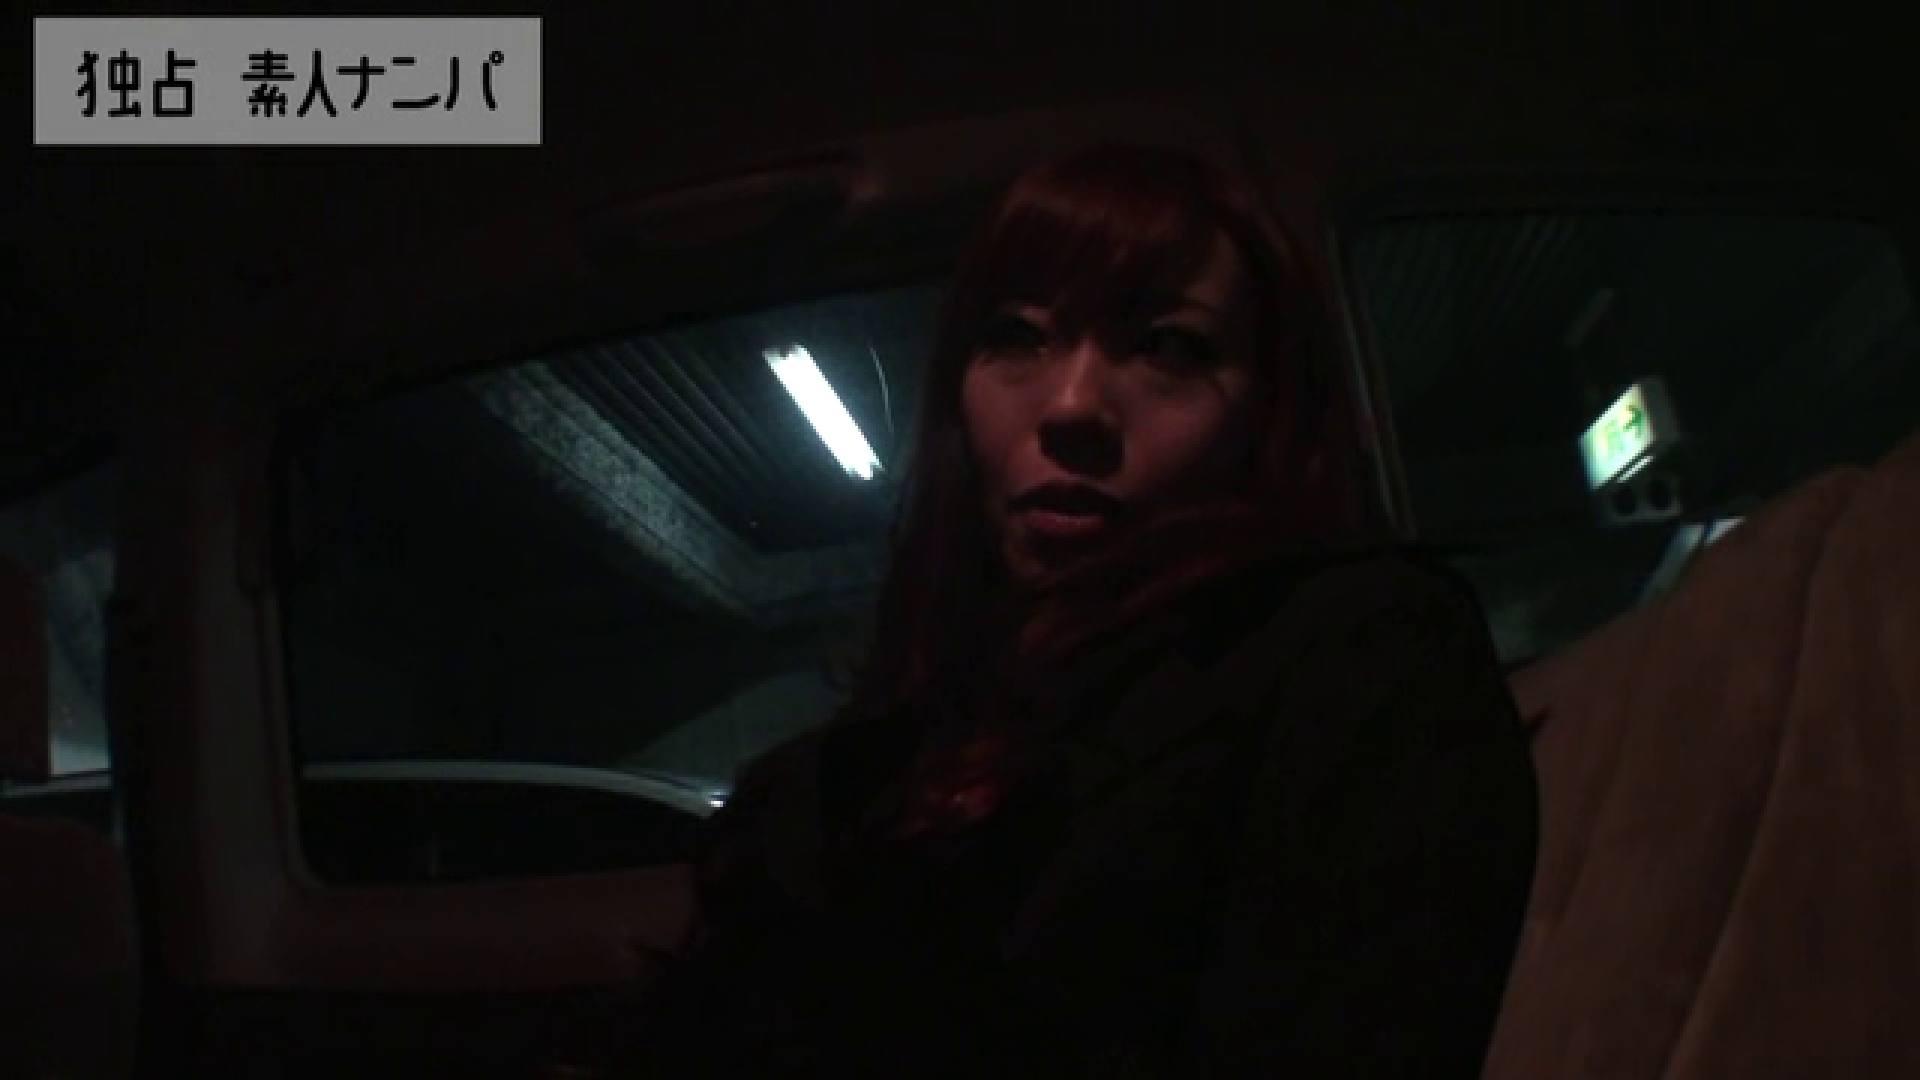 独占入手!!ヤラセ無し本物素人ナンパ 仕事帰りのOL編 車  96連発 21